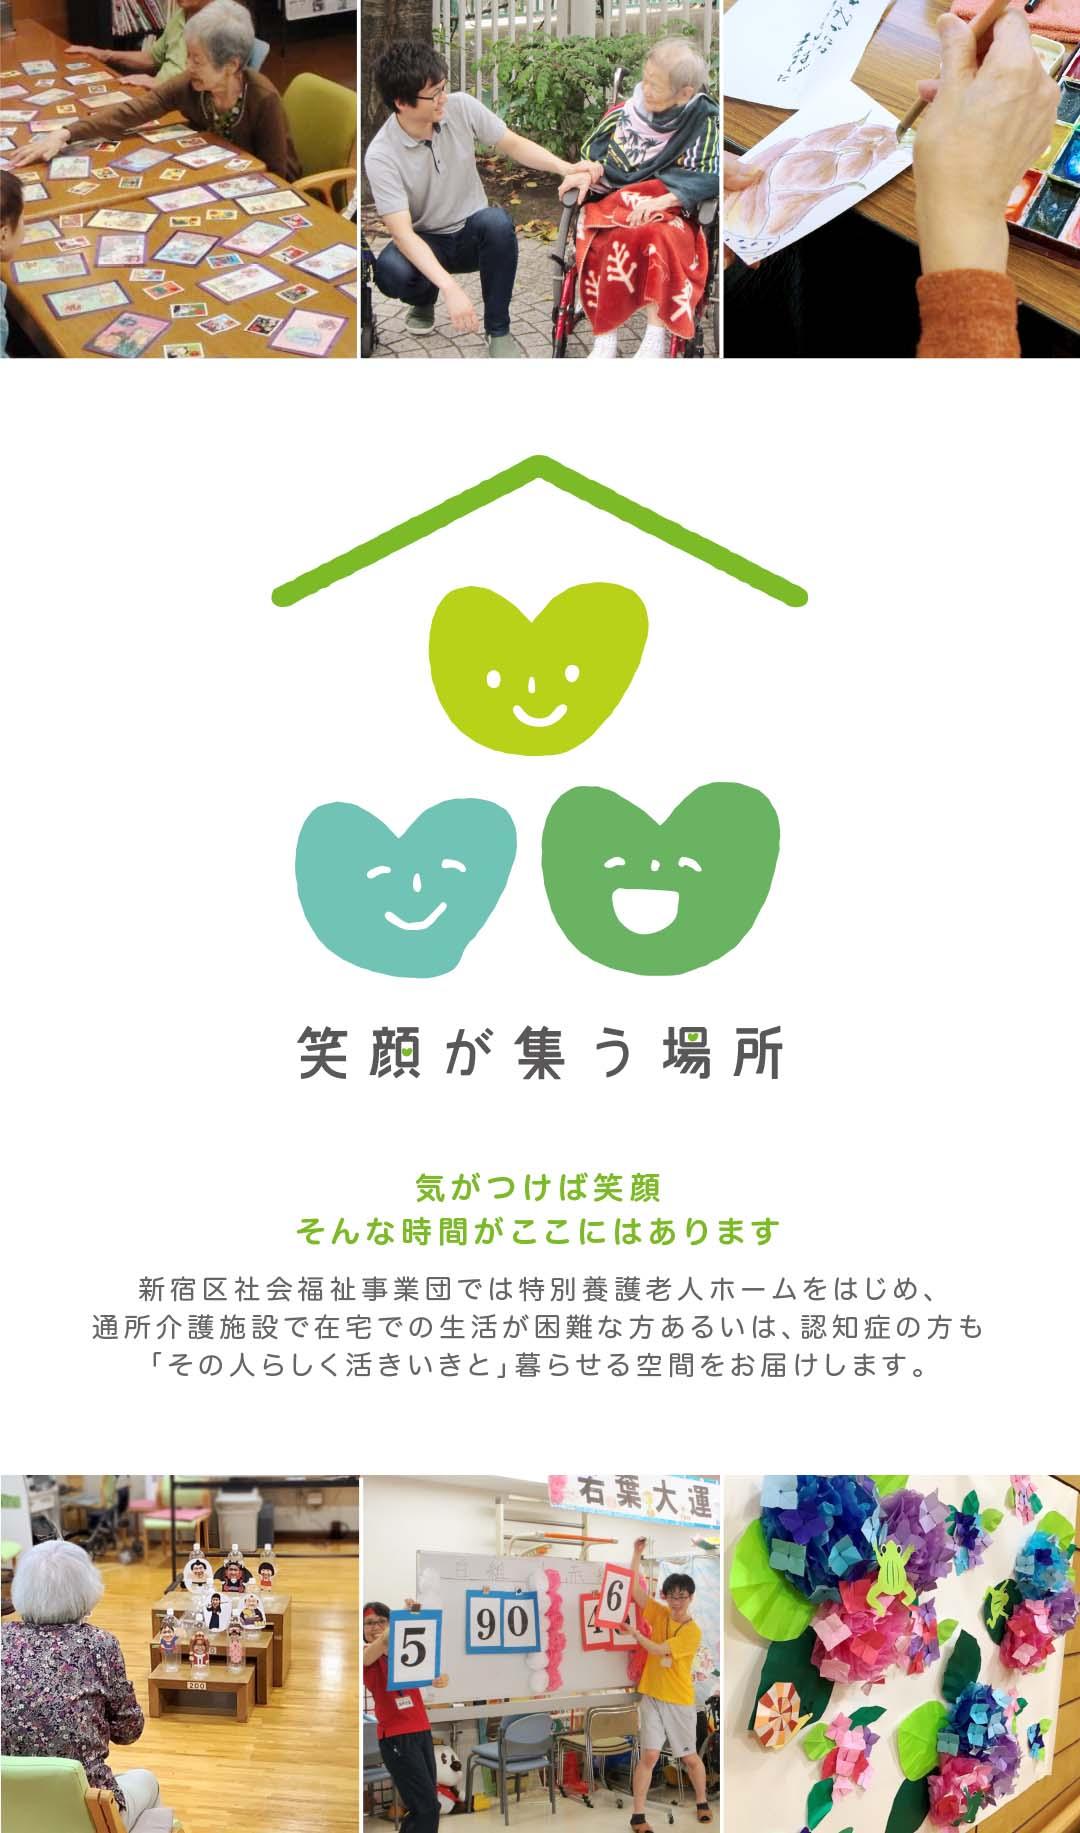 気がつけば笑顔。そんな時間がここにはあります。新宿区社会福祉事業団では特別養護老人ホームをはじめ、通所介護施設で在宅での生活が困難な方あるいは、認知症の方も「その人らしく活きいきと」暮らせる空間をお届けします。